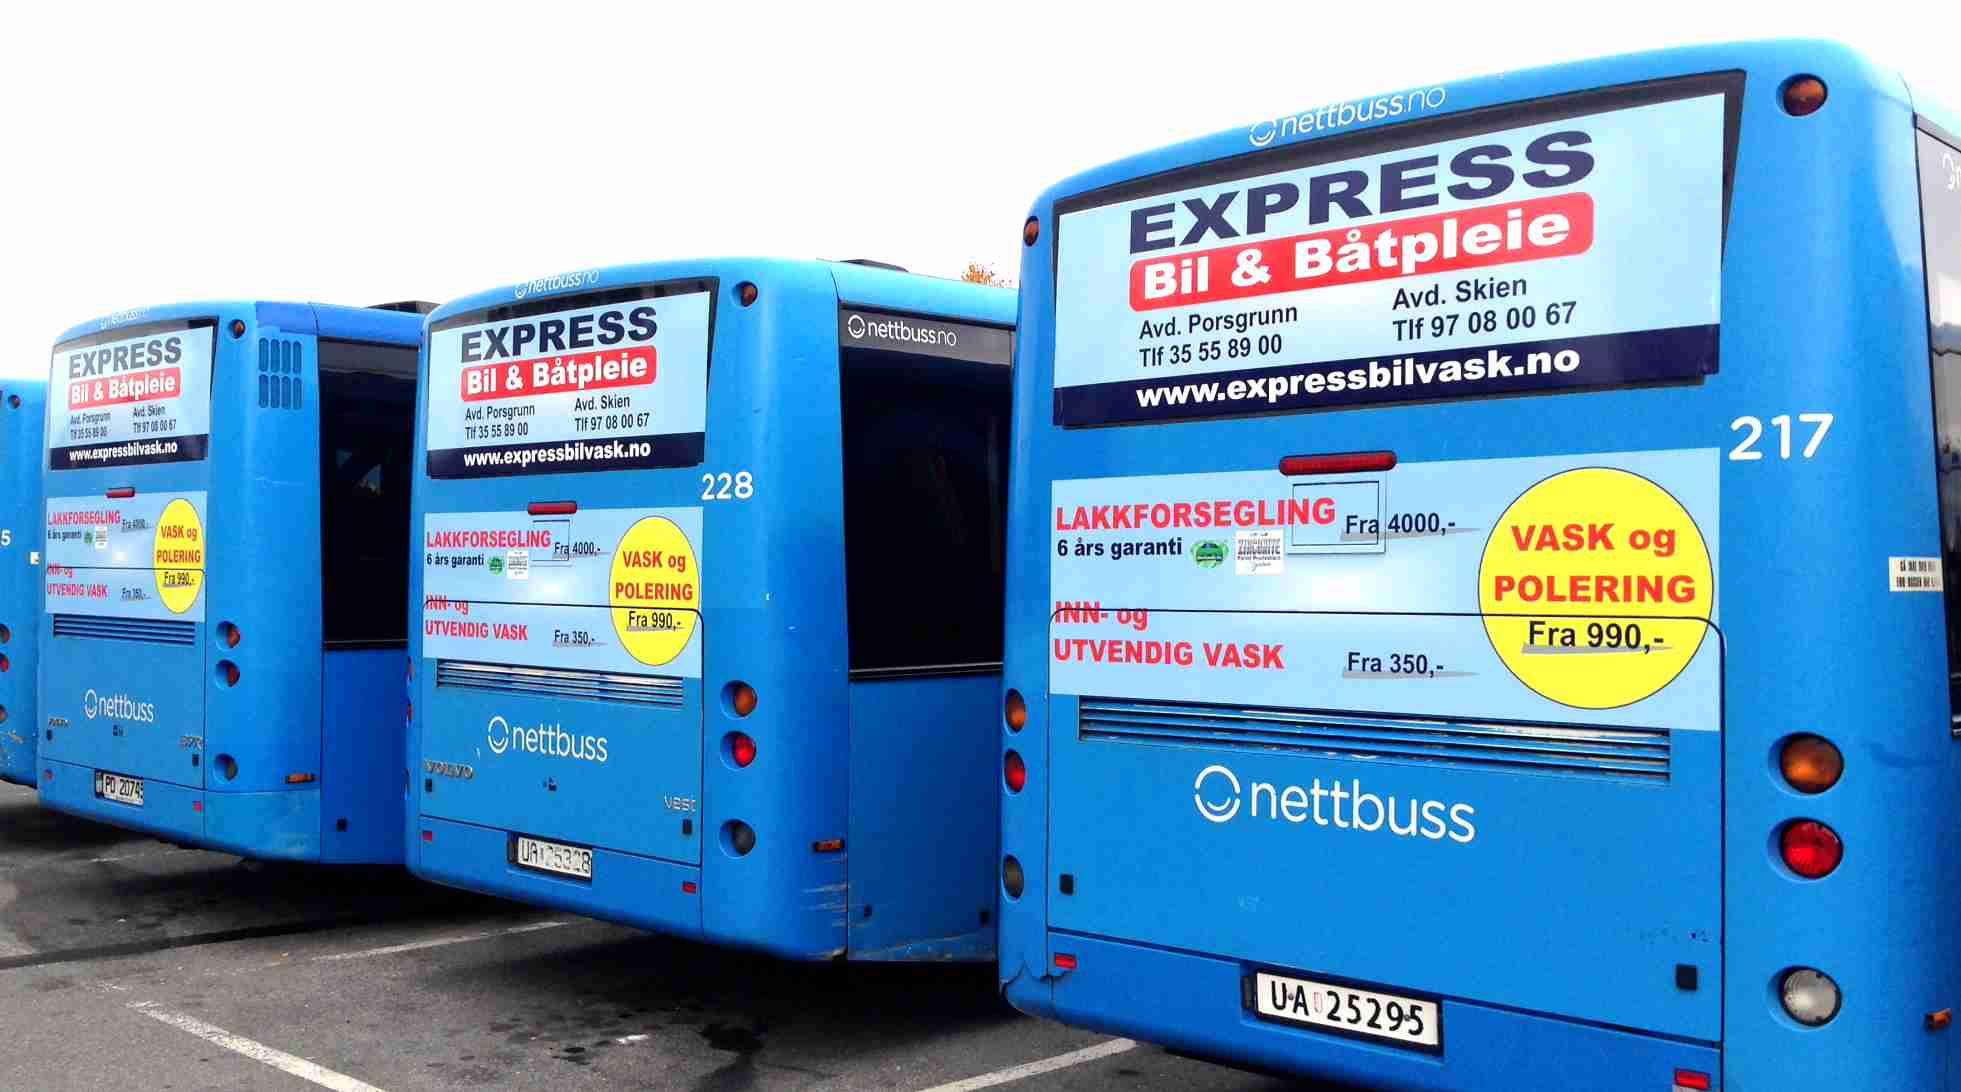 buss32